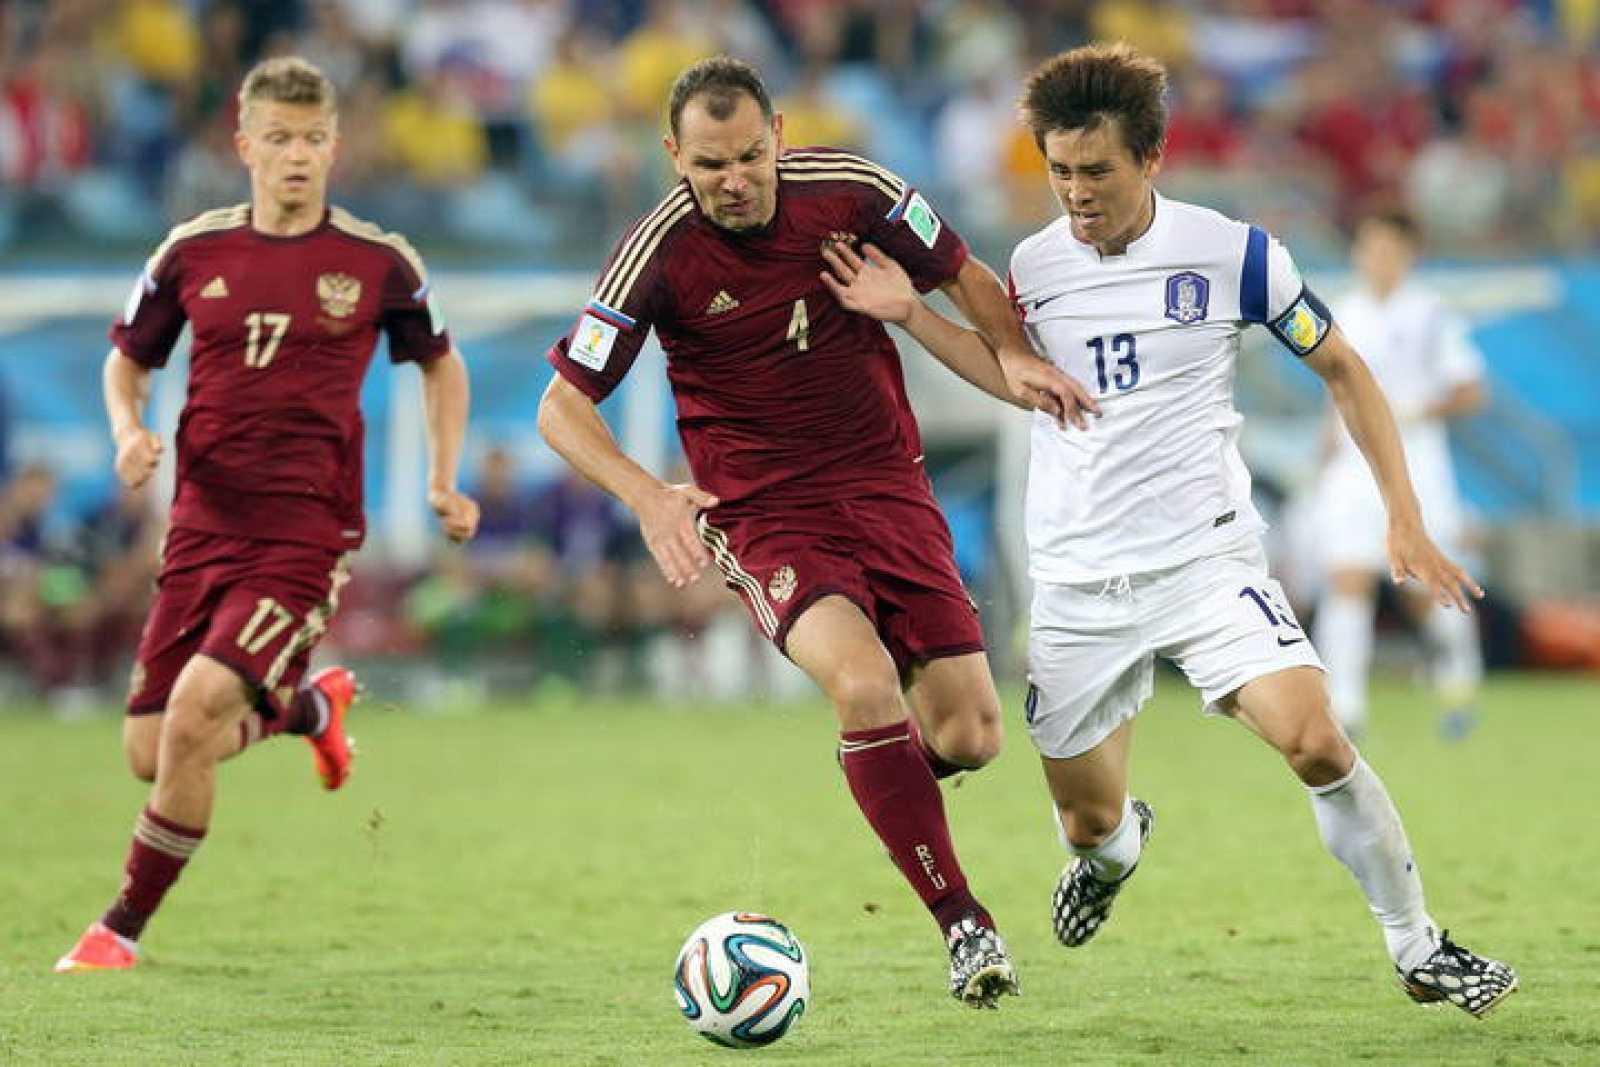 Sergei Ignashevich, jugador de la selección rusa, en una acción contra Koo Jaceol, de Coera del Sur.